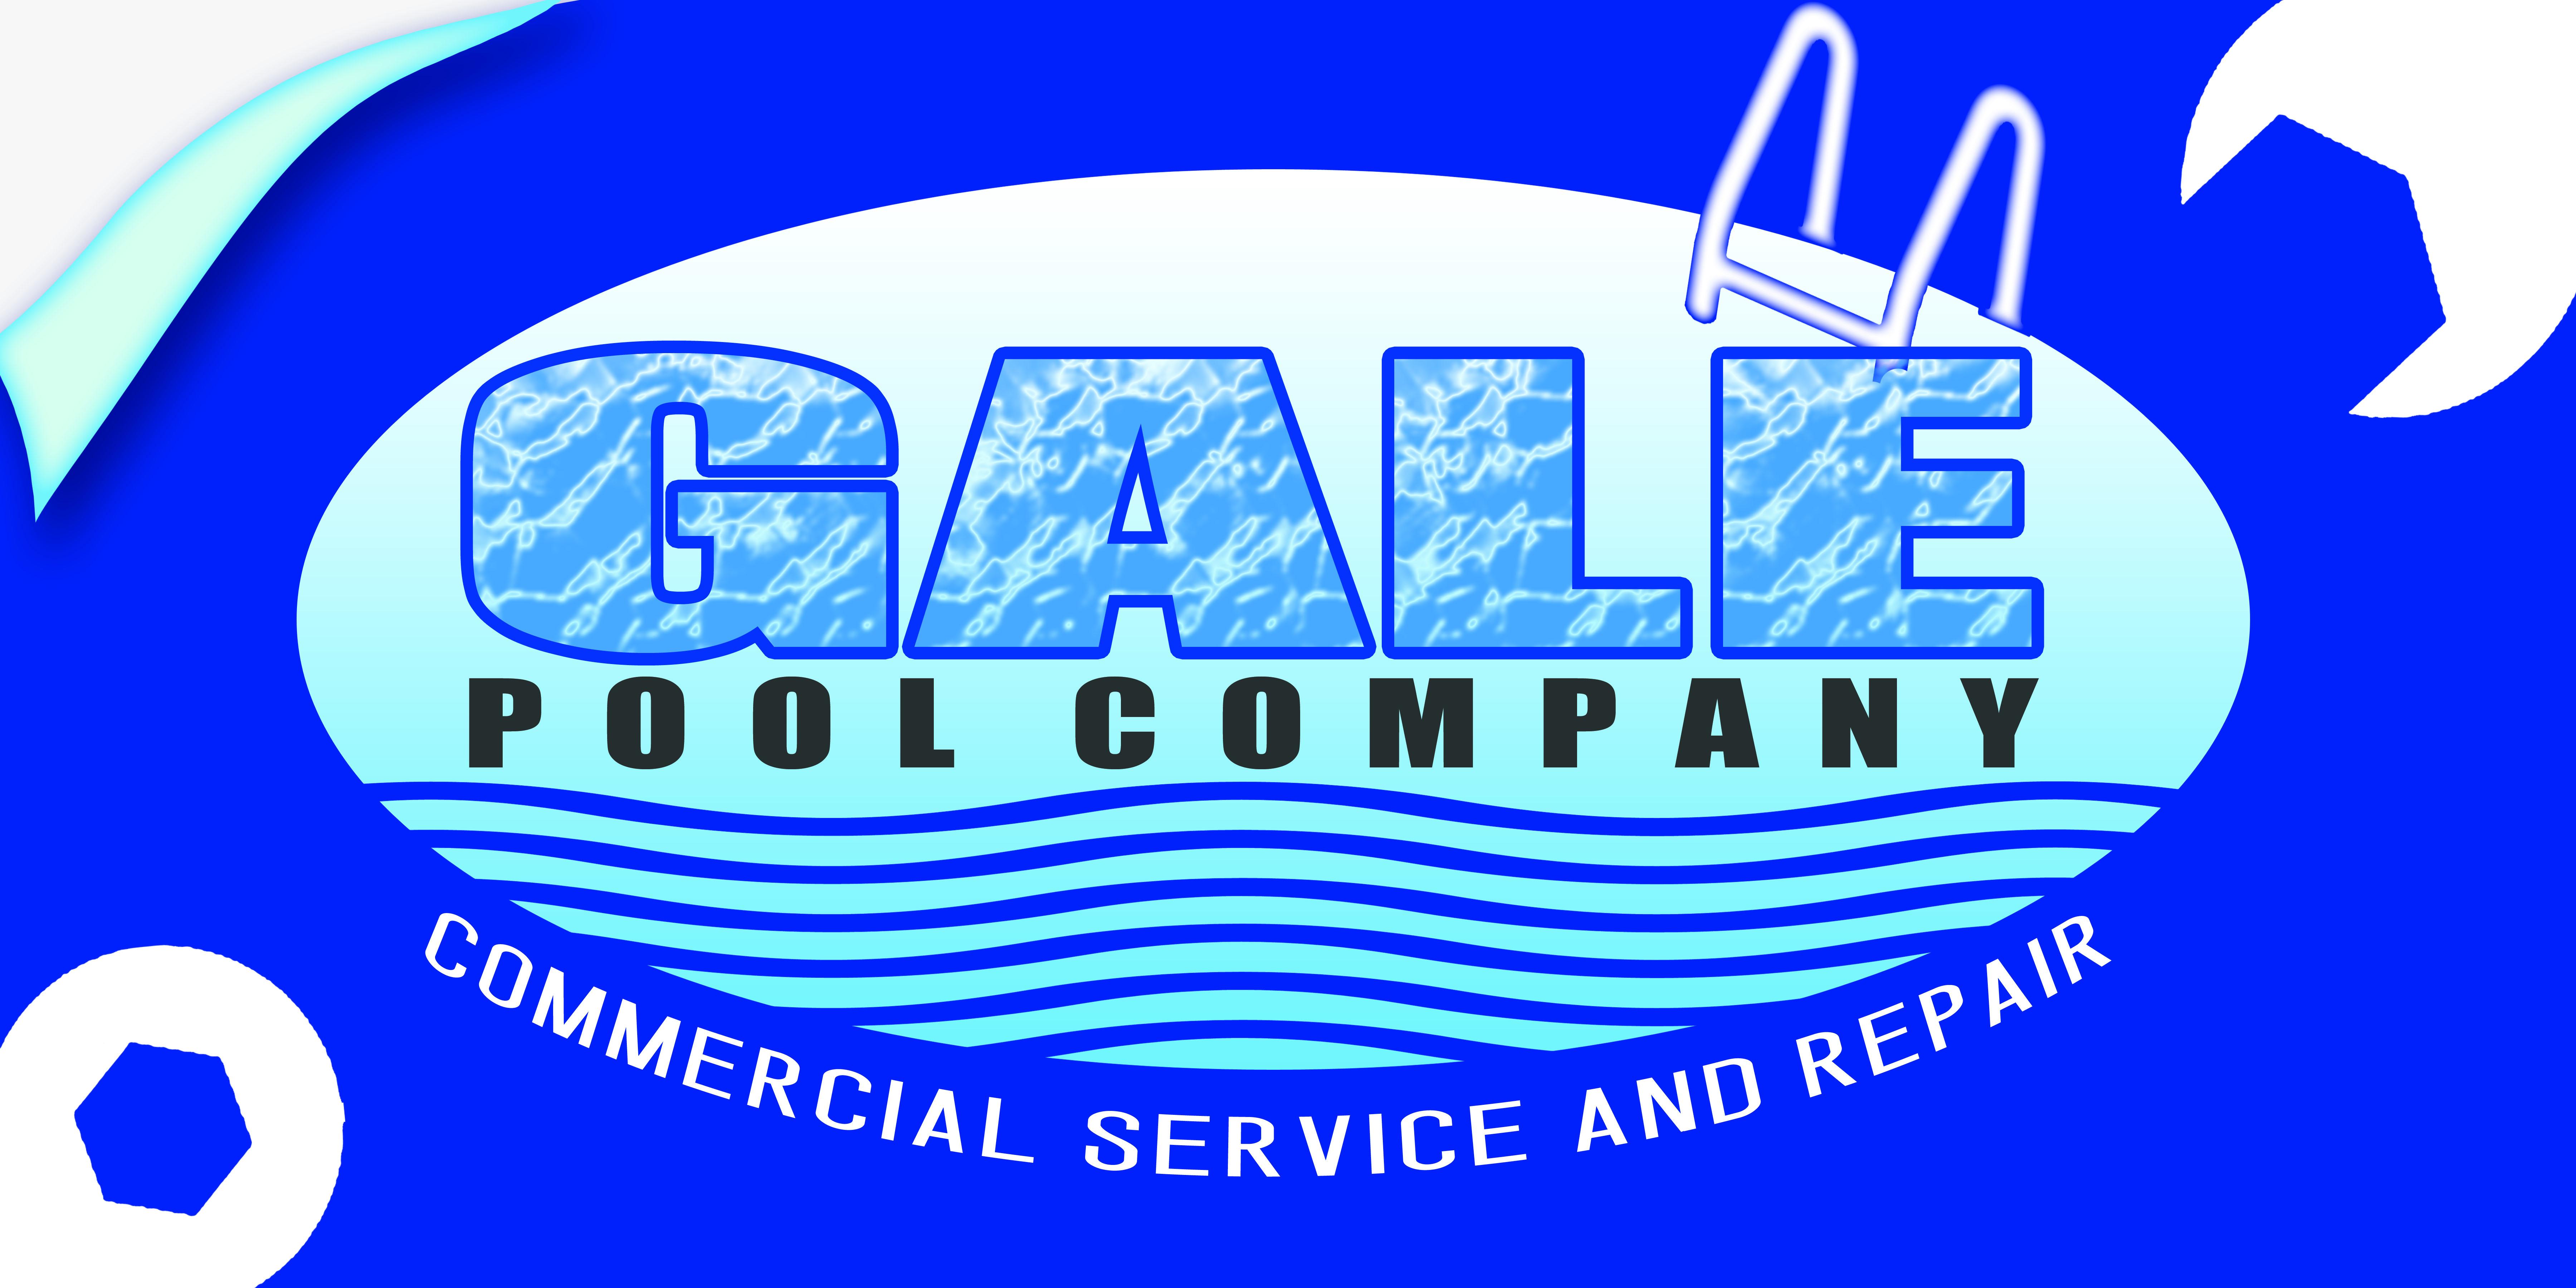 Logo Design by Alan Esclamado - Entry No. 64 in the Logo Design Contest Imaginative Logo Design for Gale Pool Company.